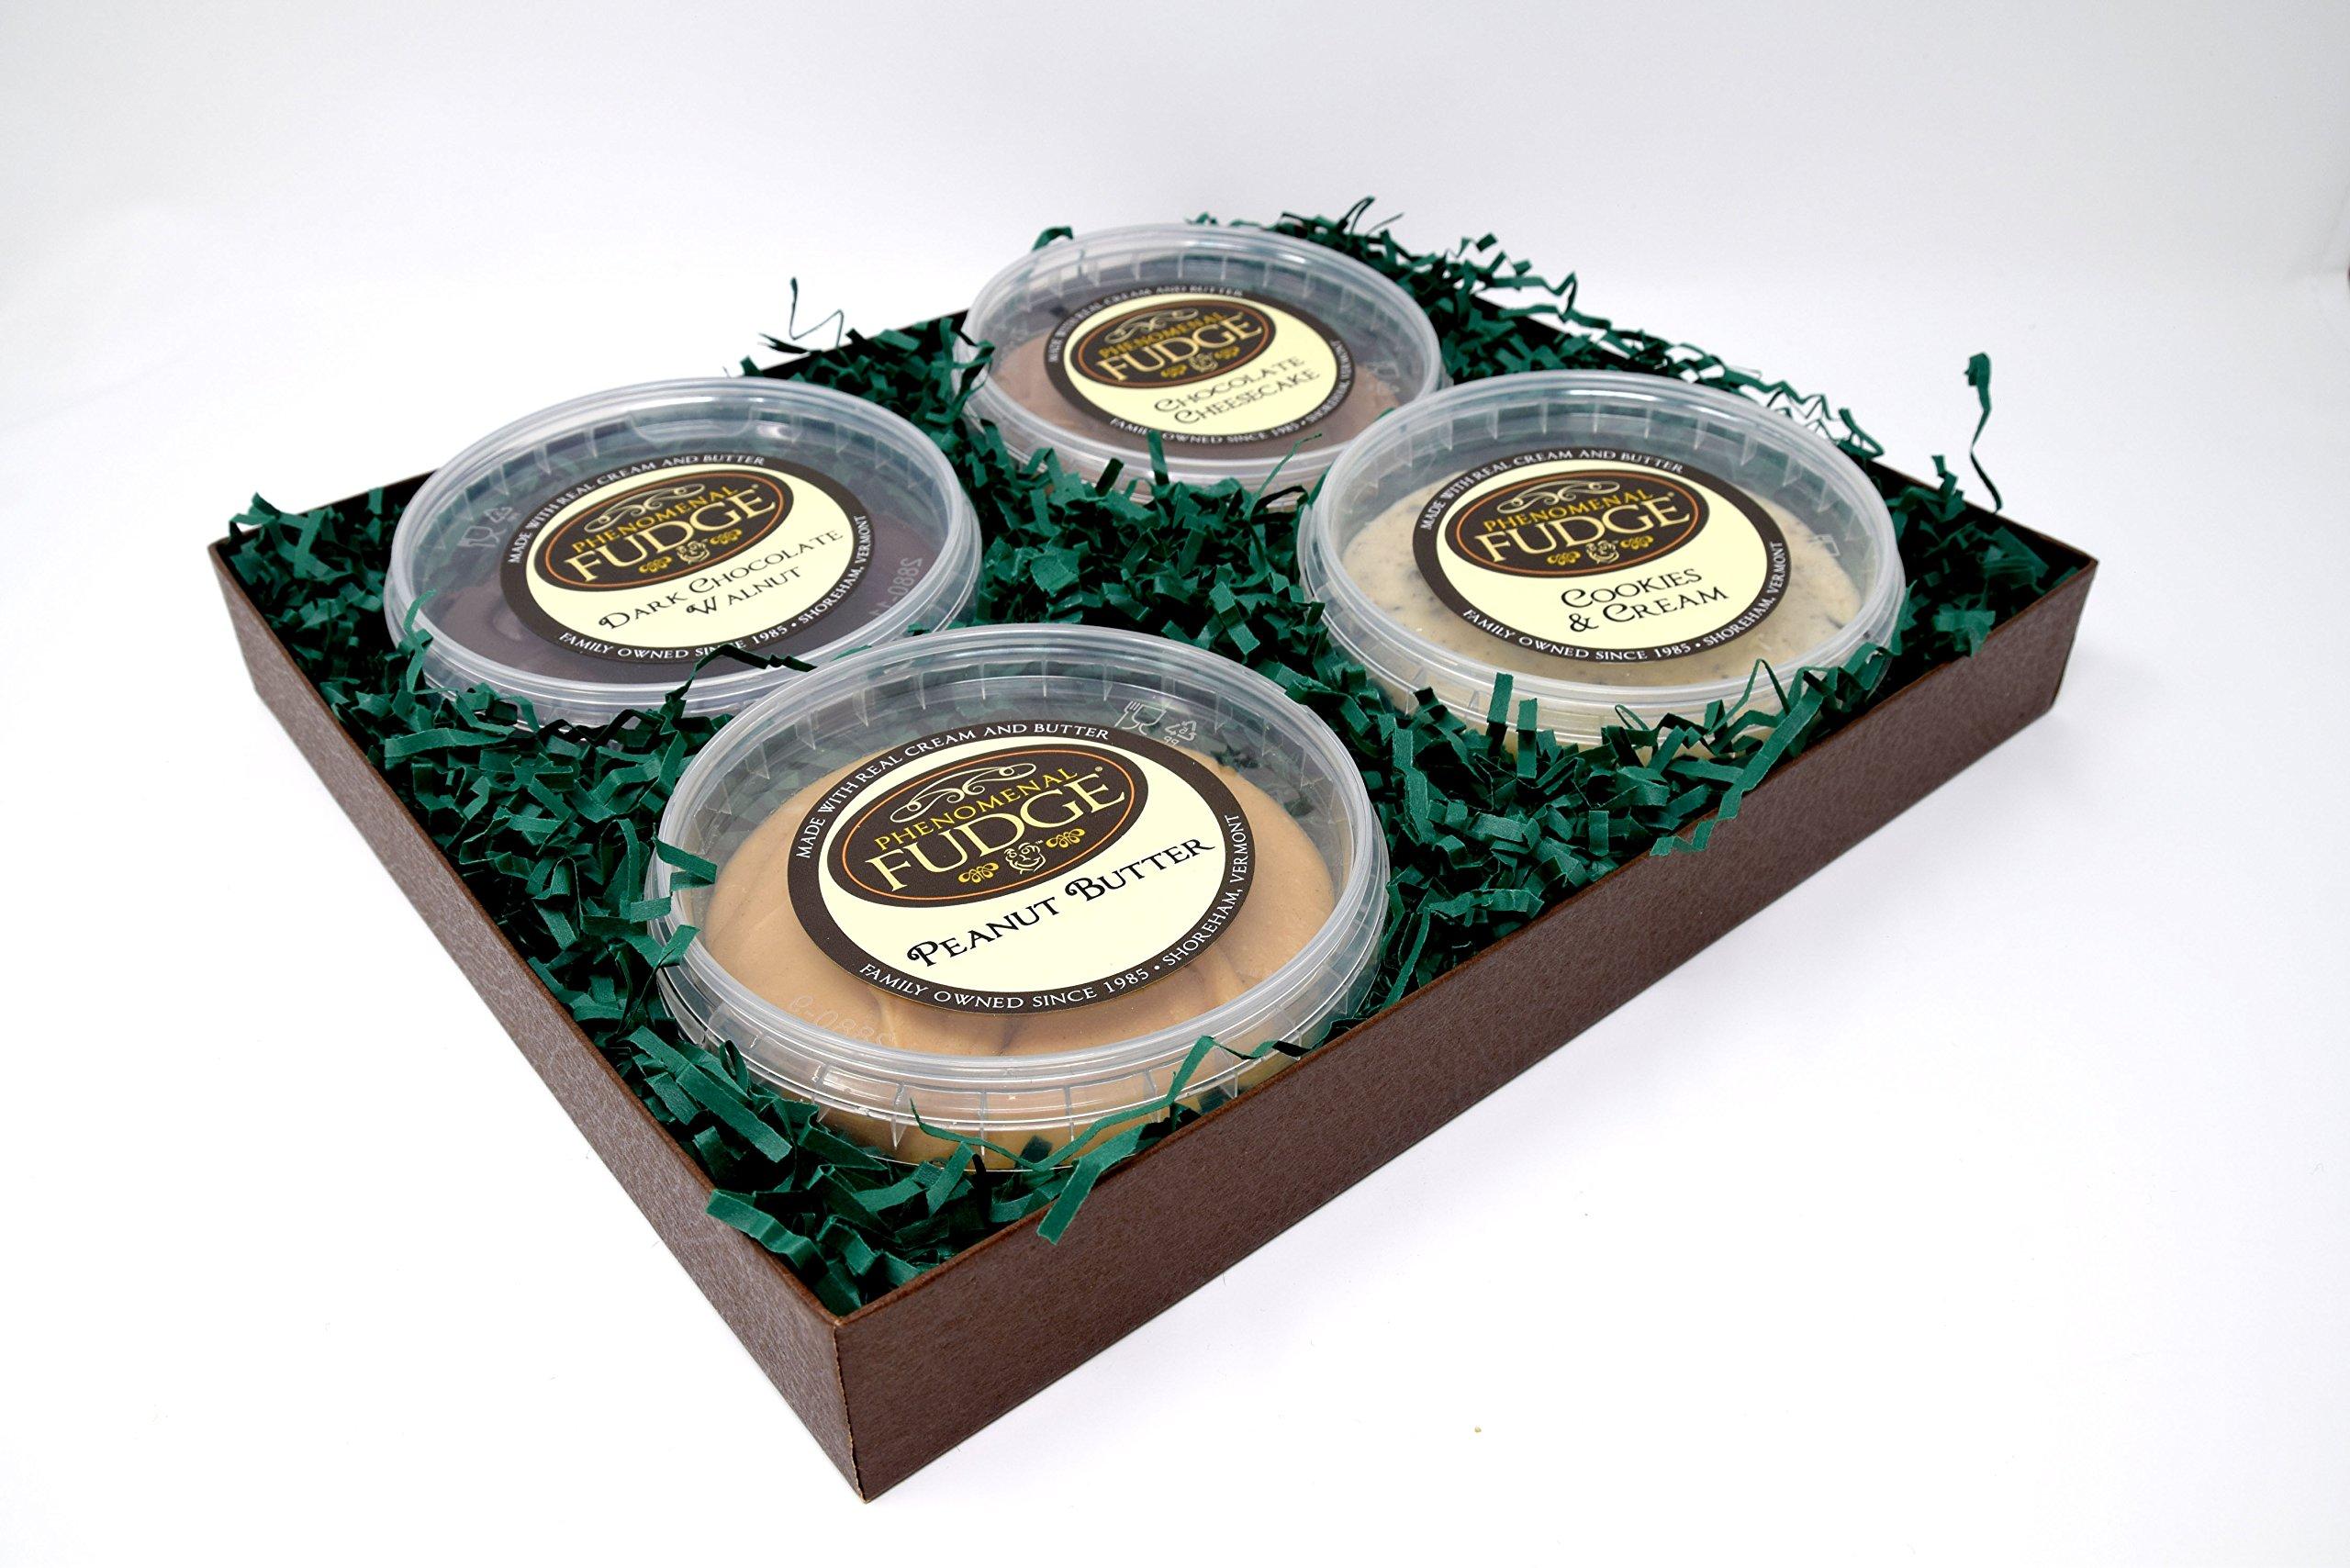 Phenomenal Fudge 4 Flavor Gift Box | Homemade Fudge | Chocolate Cheesecake | Dark Chocolate Walnut | Peanut Butter | Cookies and Cream by Phenomenal Fudge